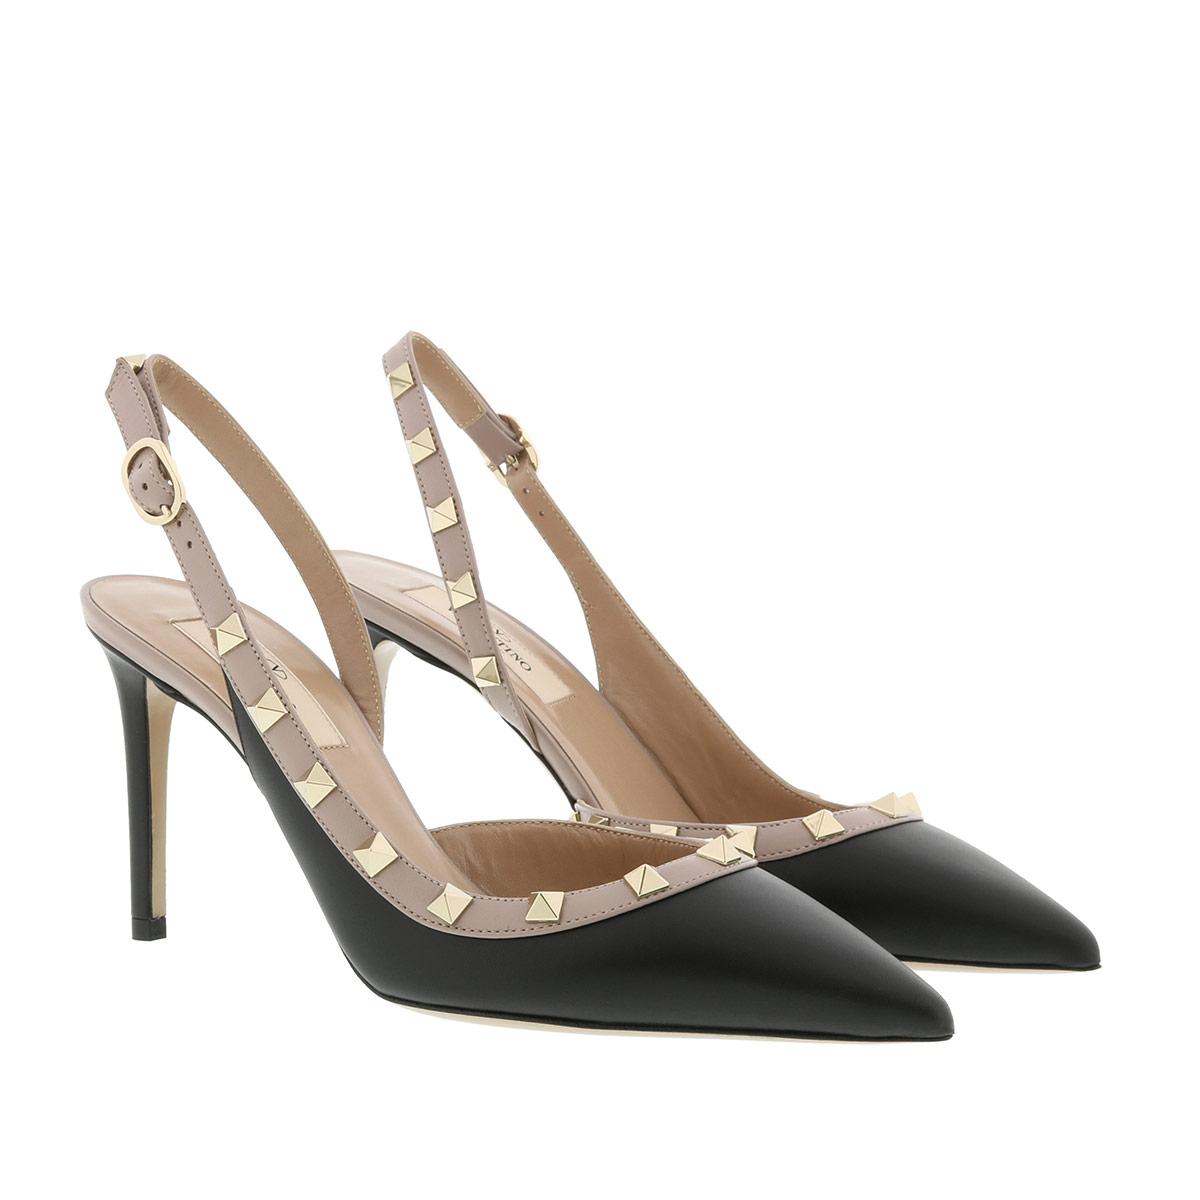 Valentino Pumps - Sling Back Pumps Leather Nero/Poudre - in schwarz - für Damen